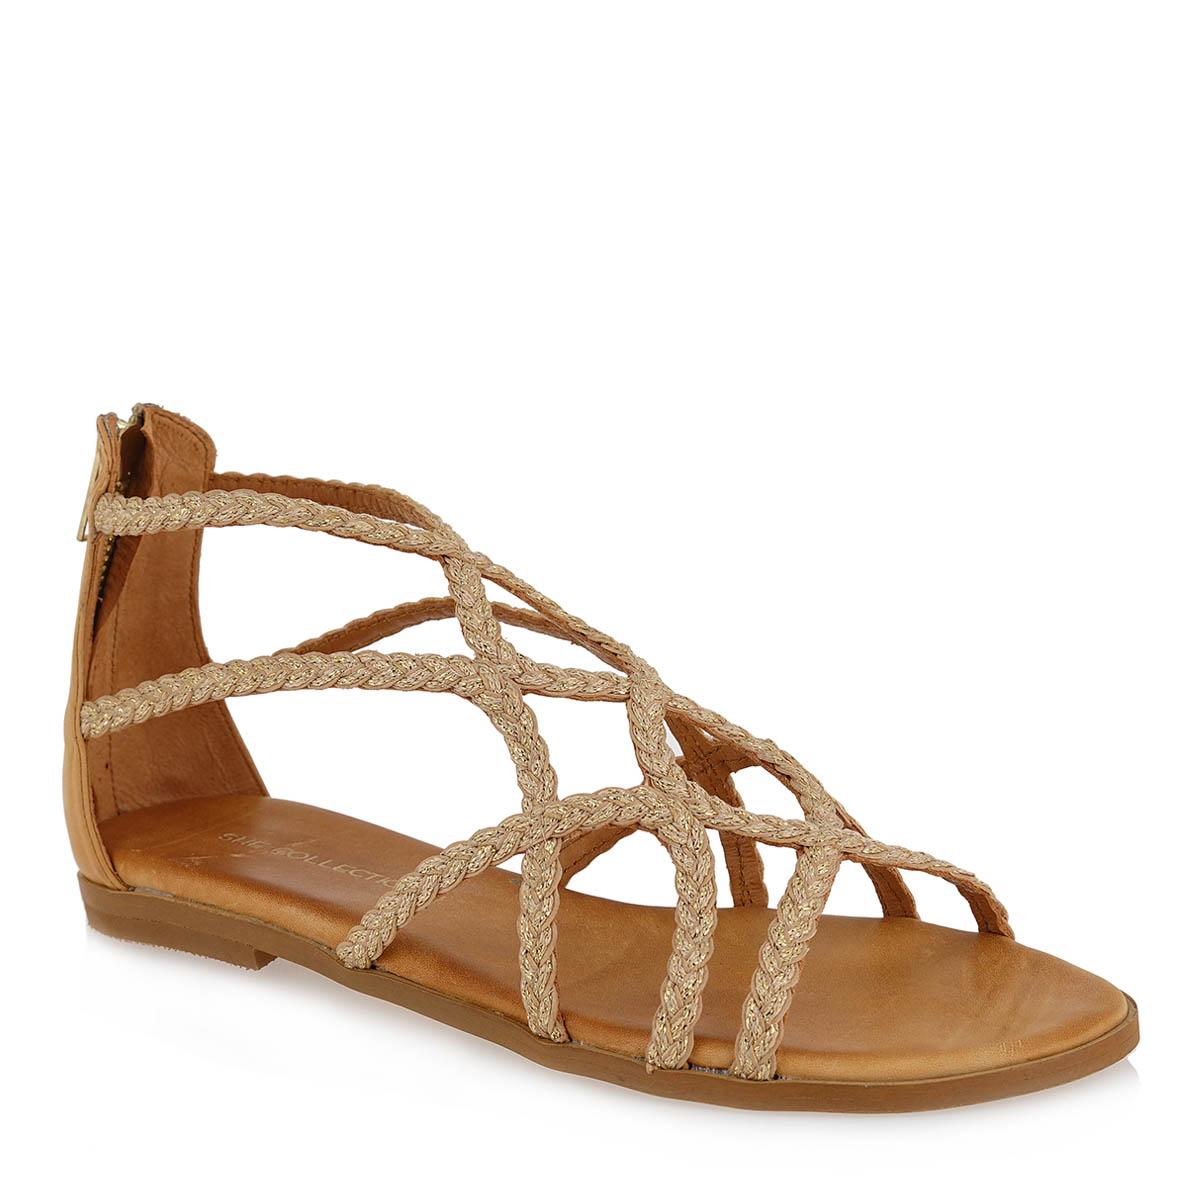 """Πλεκτά σανδάλια: 6 ζευγάρια για να υιοθετήσεις την πιο cool τάση στα παπούτσια γι"""" αυτό το καλοκαίρι"""